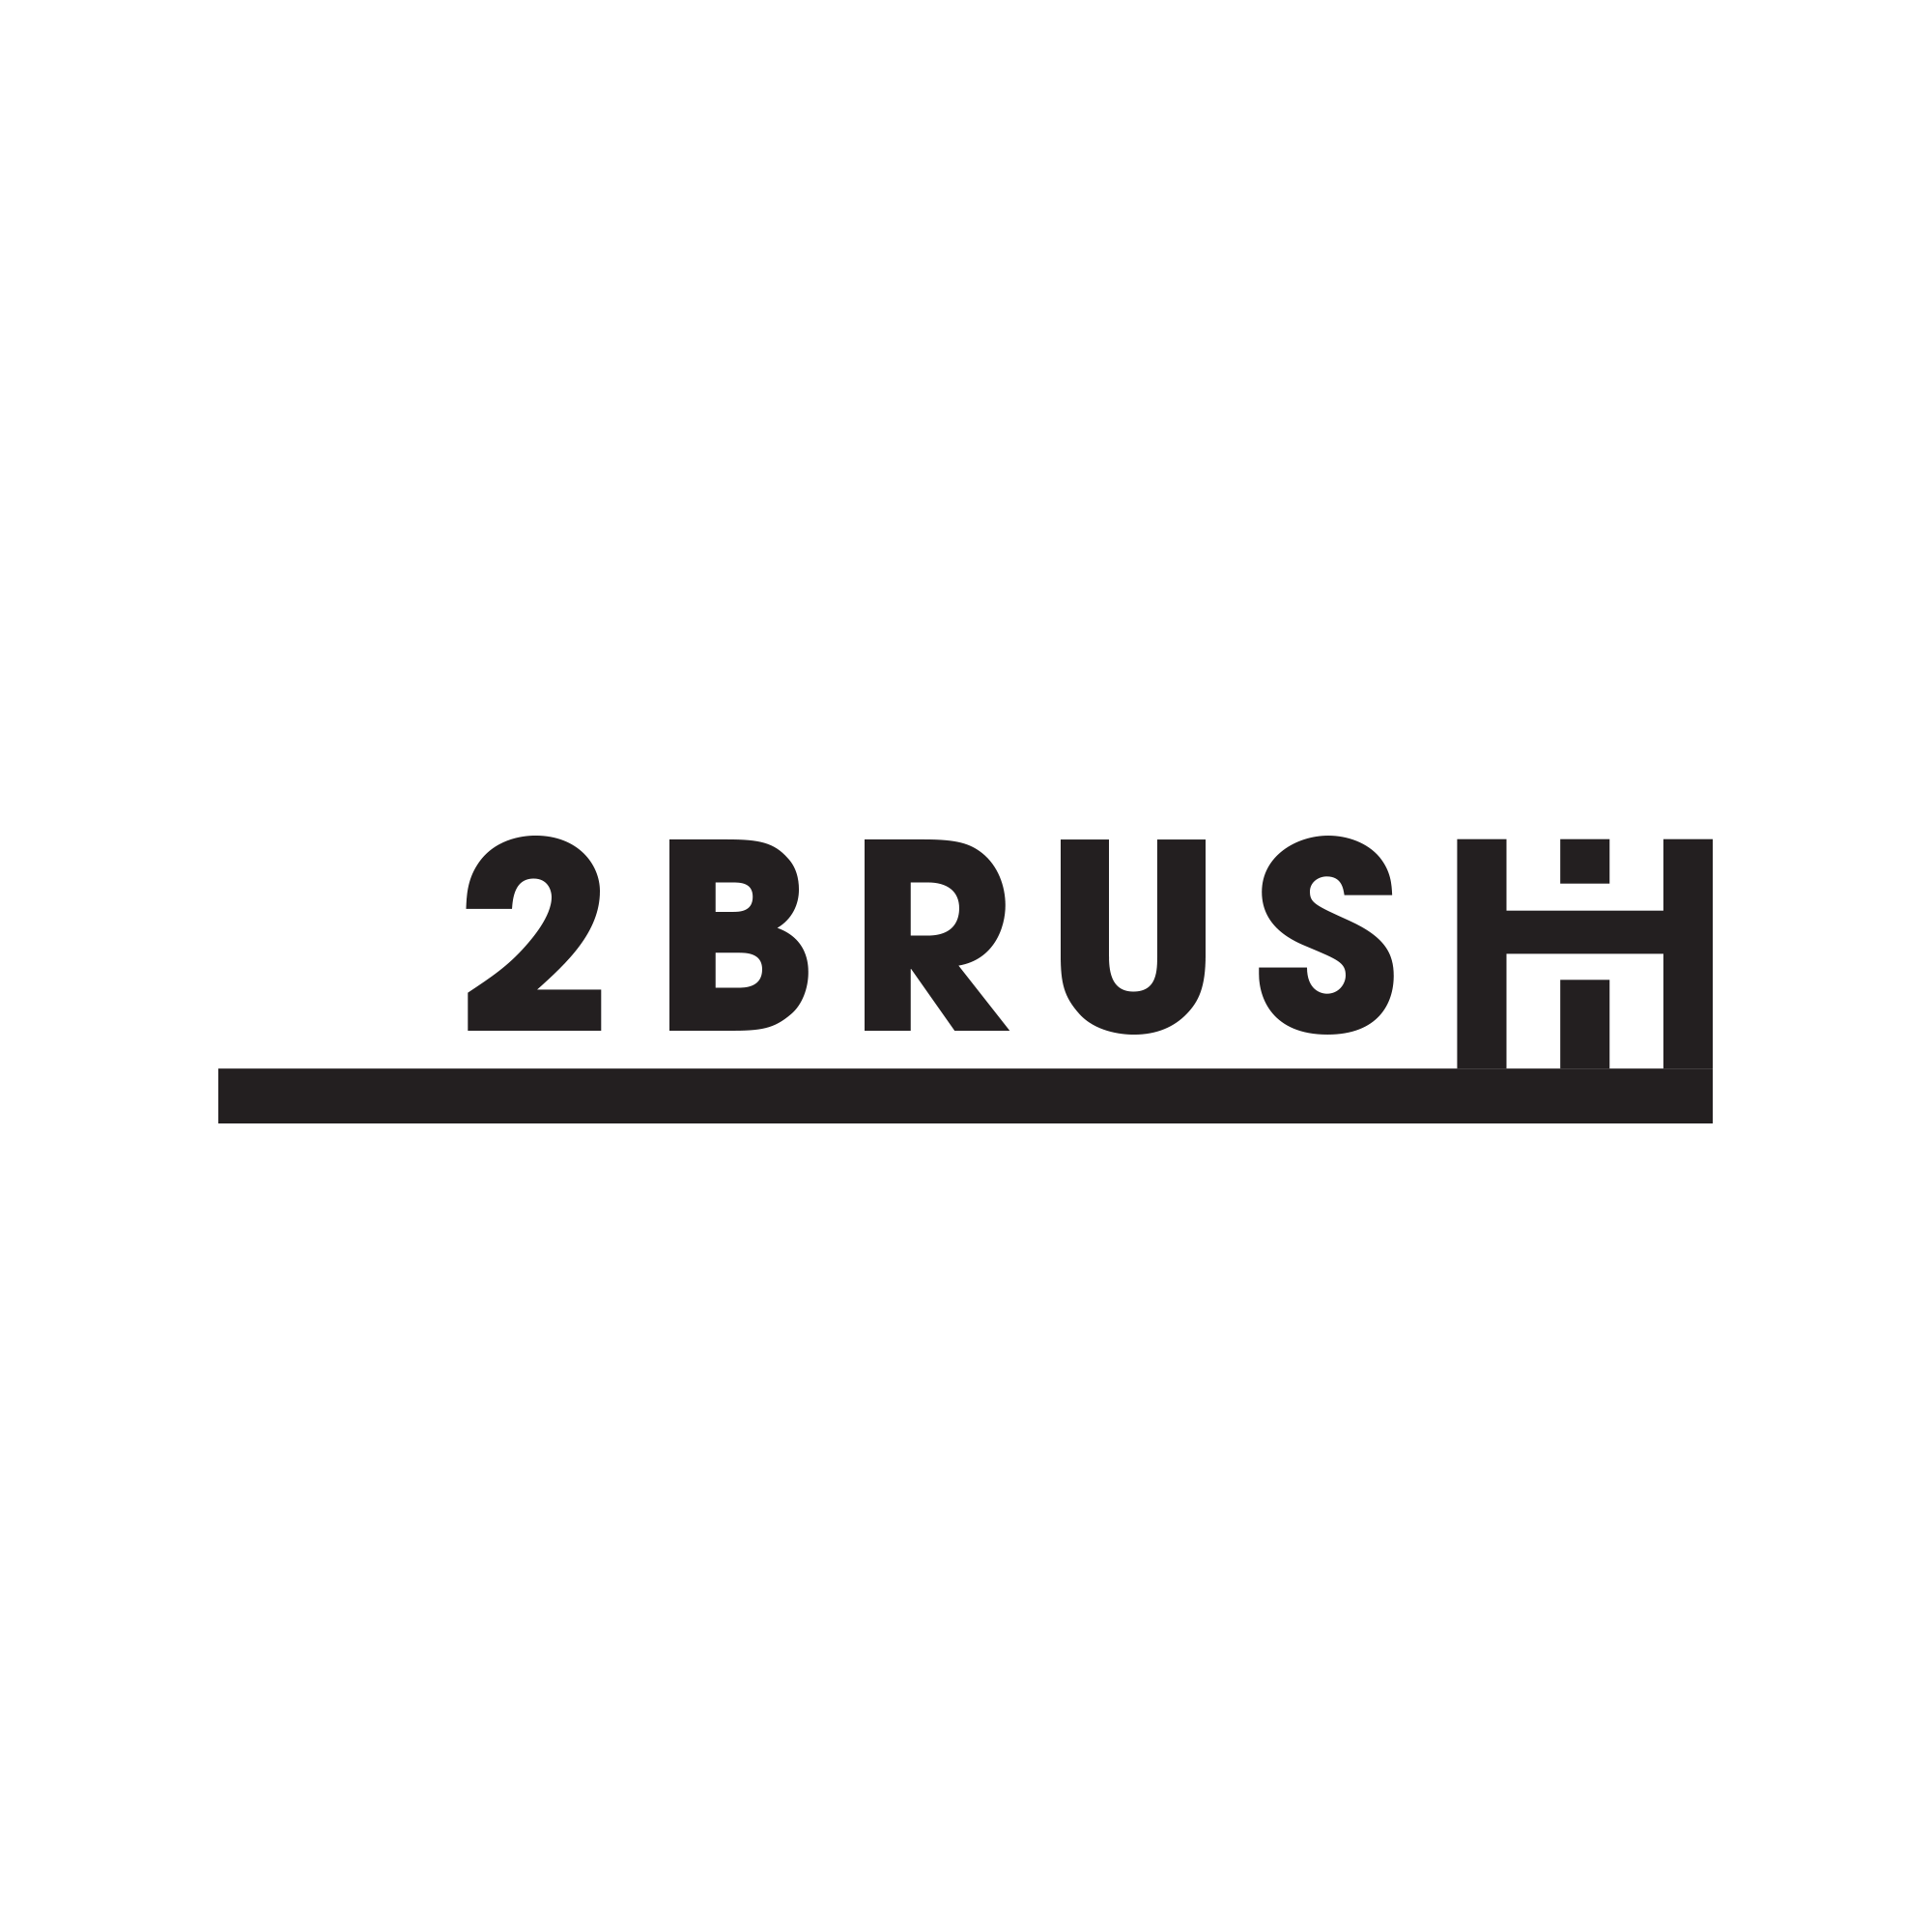 2Brush